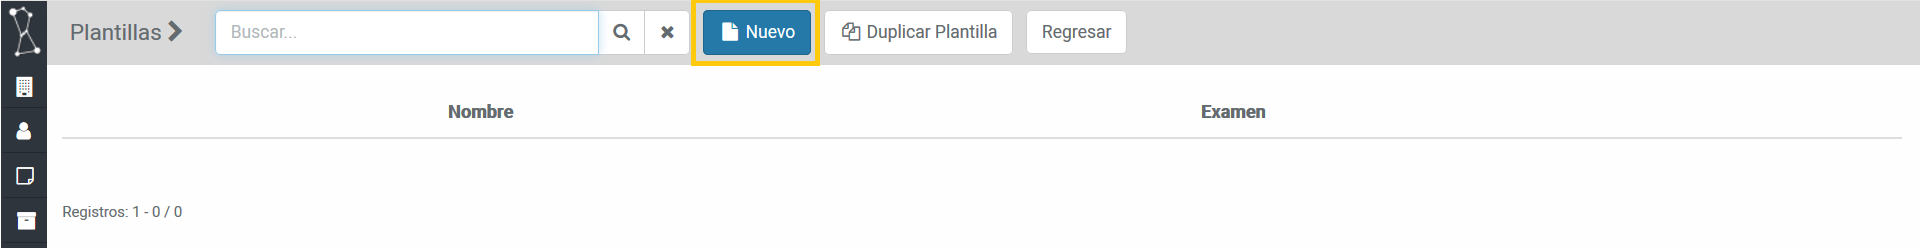 Nueva Plantilla